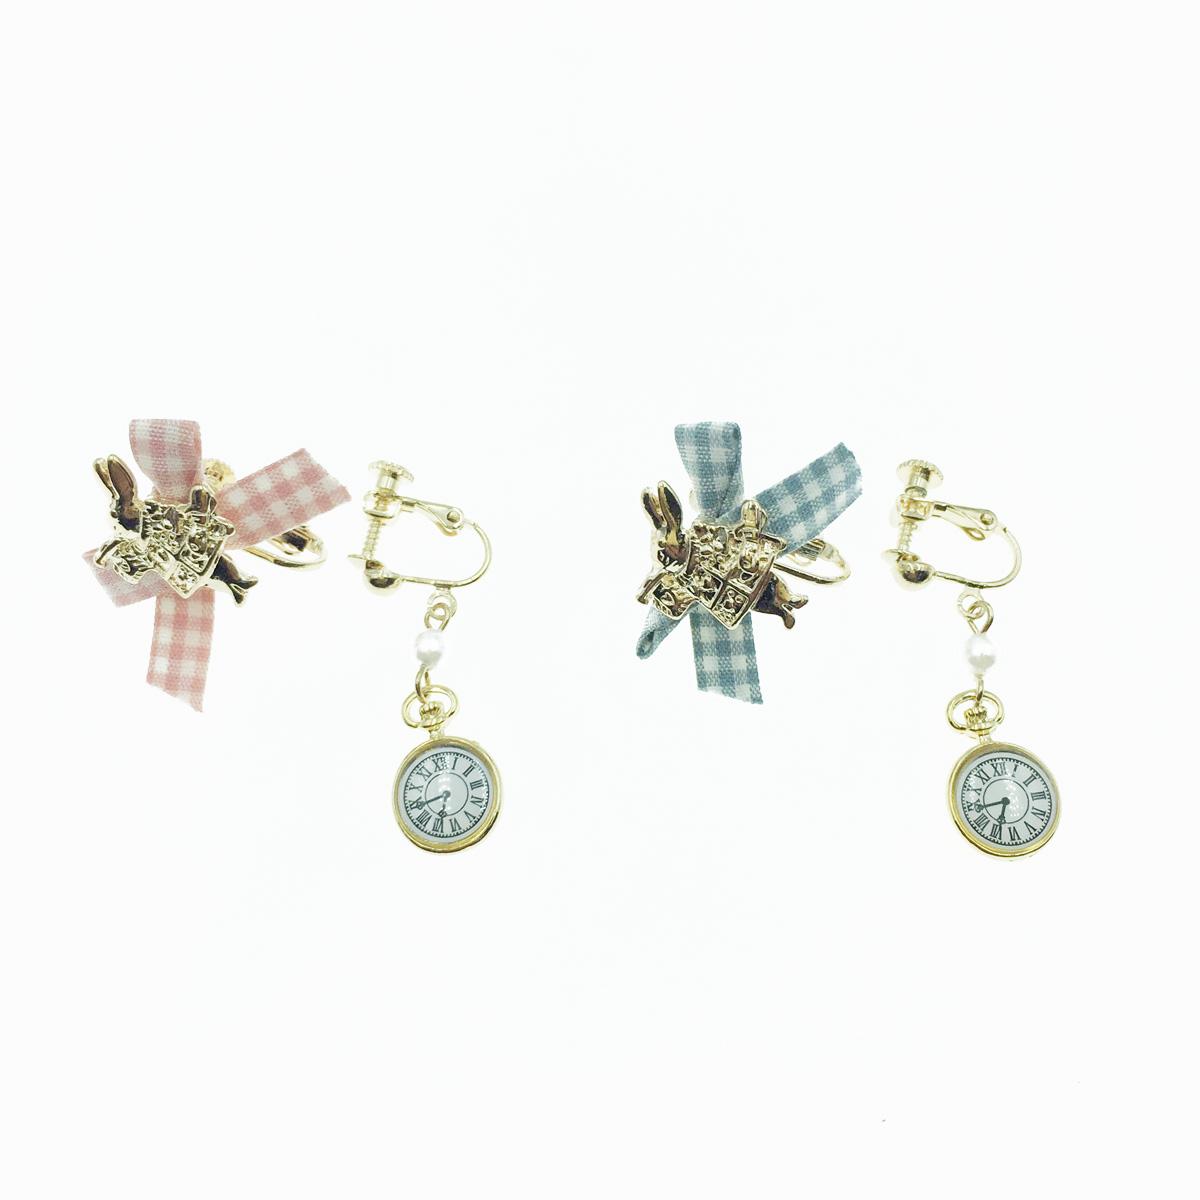 韓國 愛麗絲 時鐘兔子 格紋蝴蝶結 珍珠 垂墜 不對稱  夾式耳環